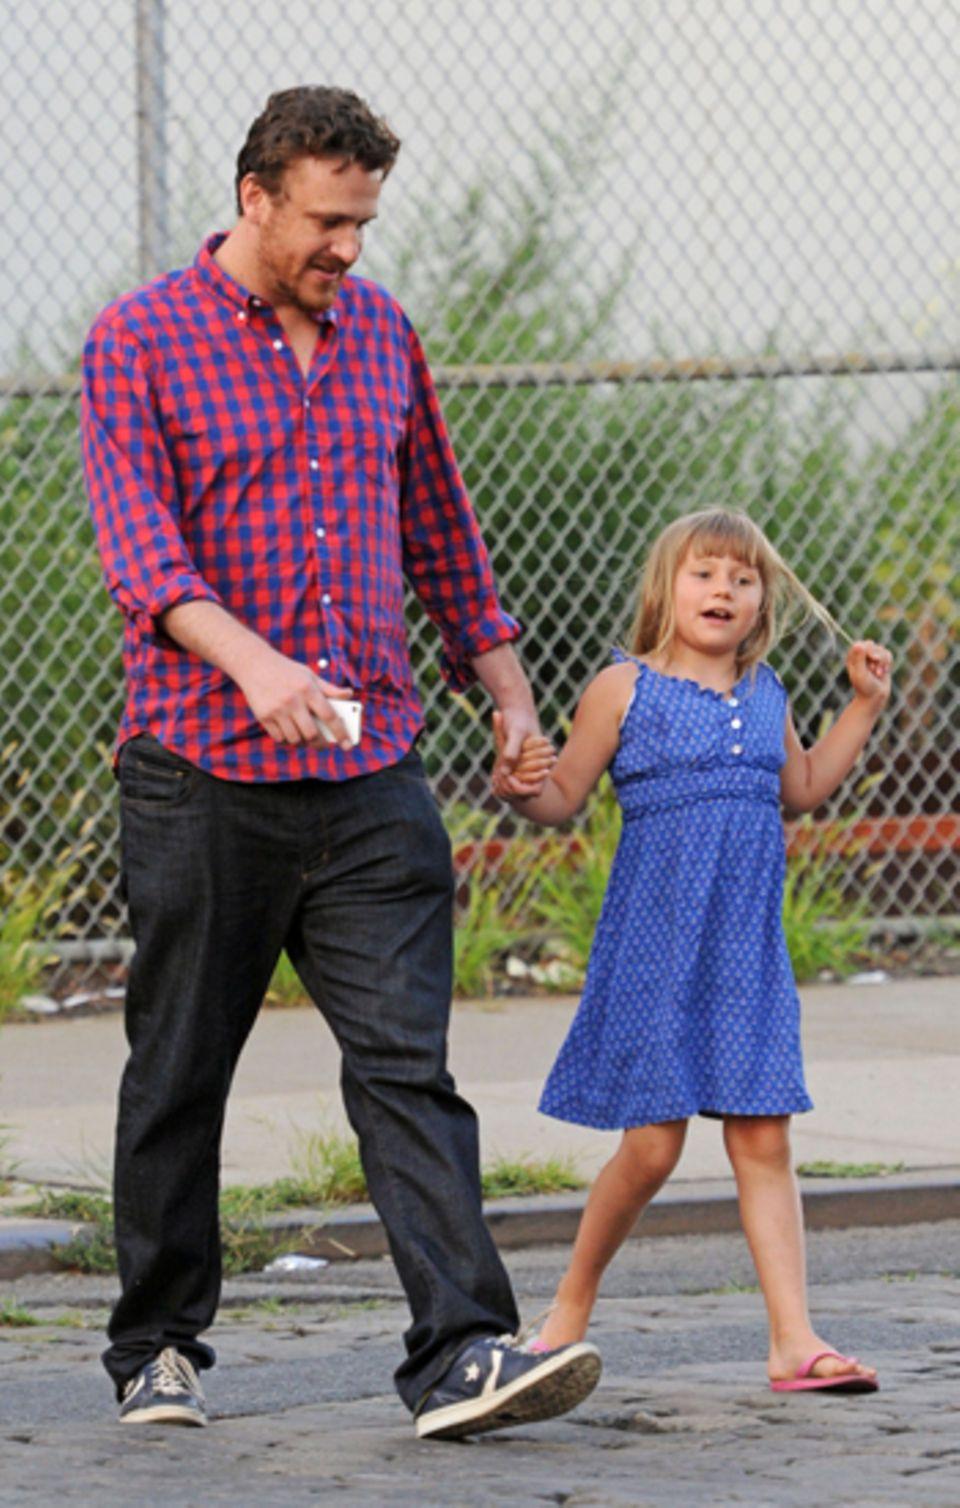 11. Juli 2012: Jason Segel geht mit Matilda Ledger, Tochter seiner Freundin Michelle Williams, in New York City spazieren.